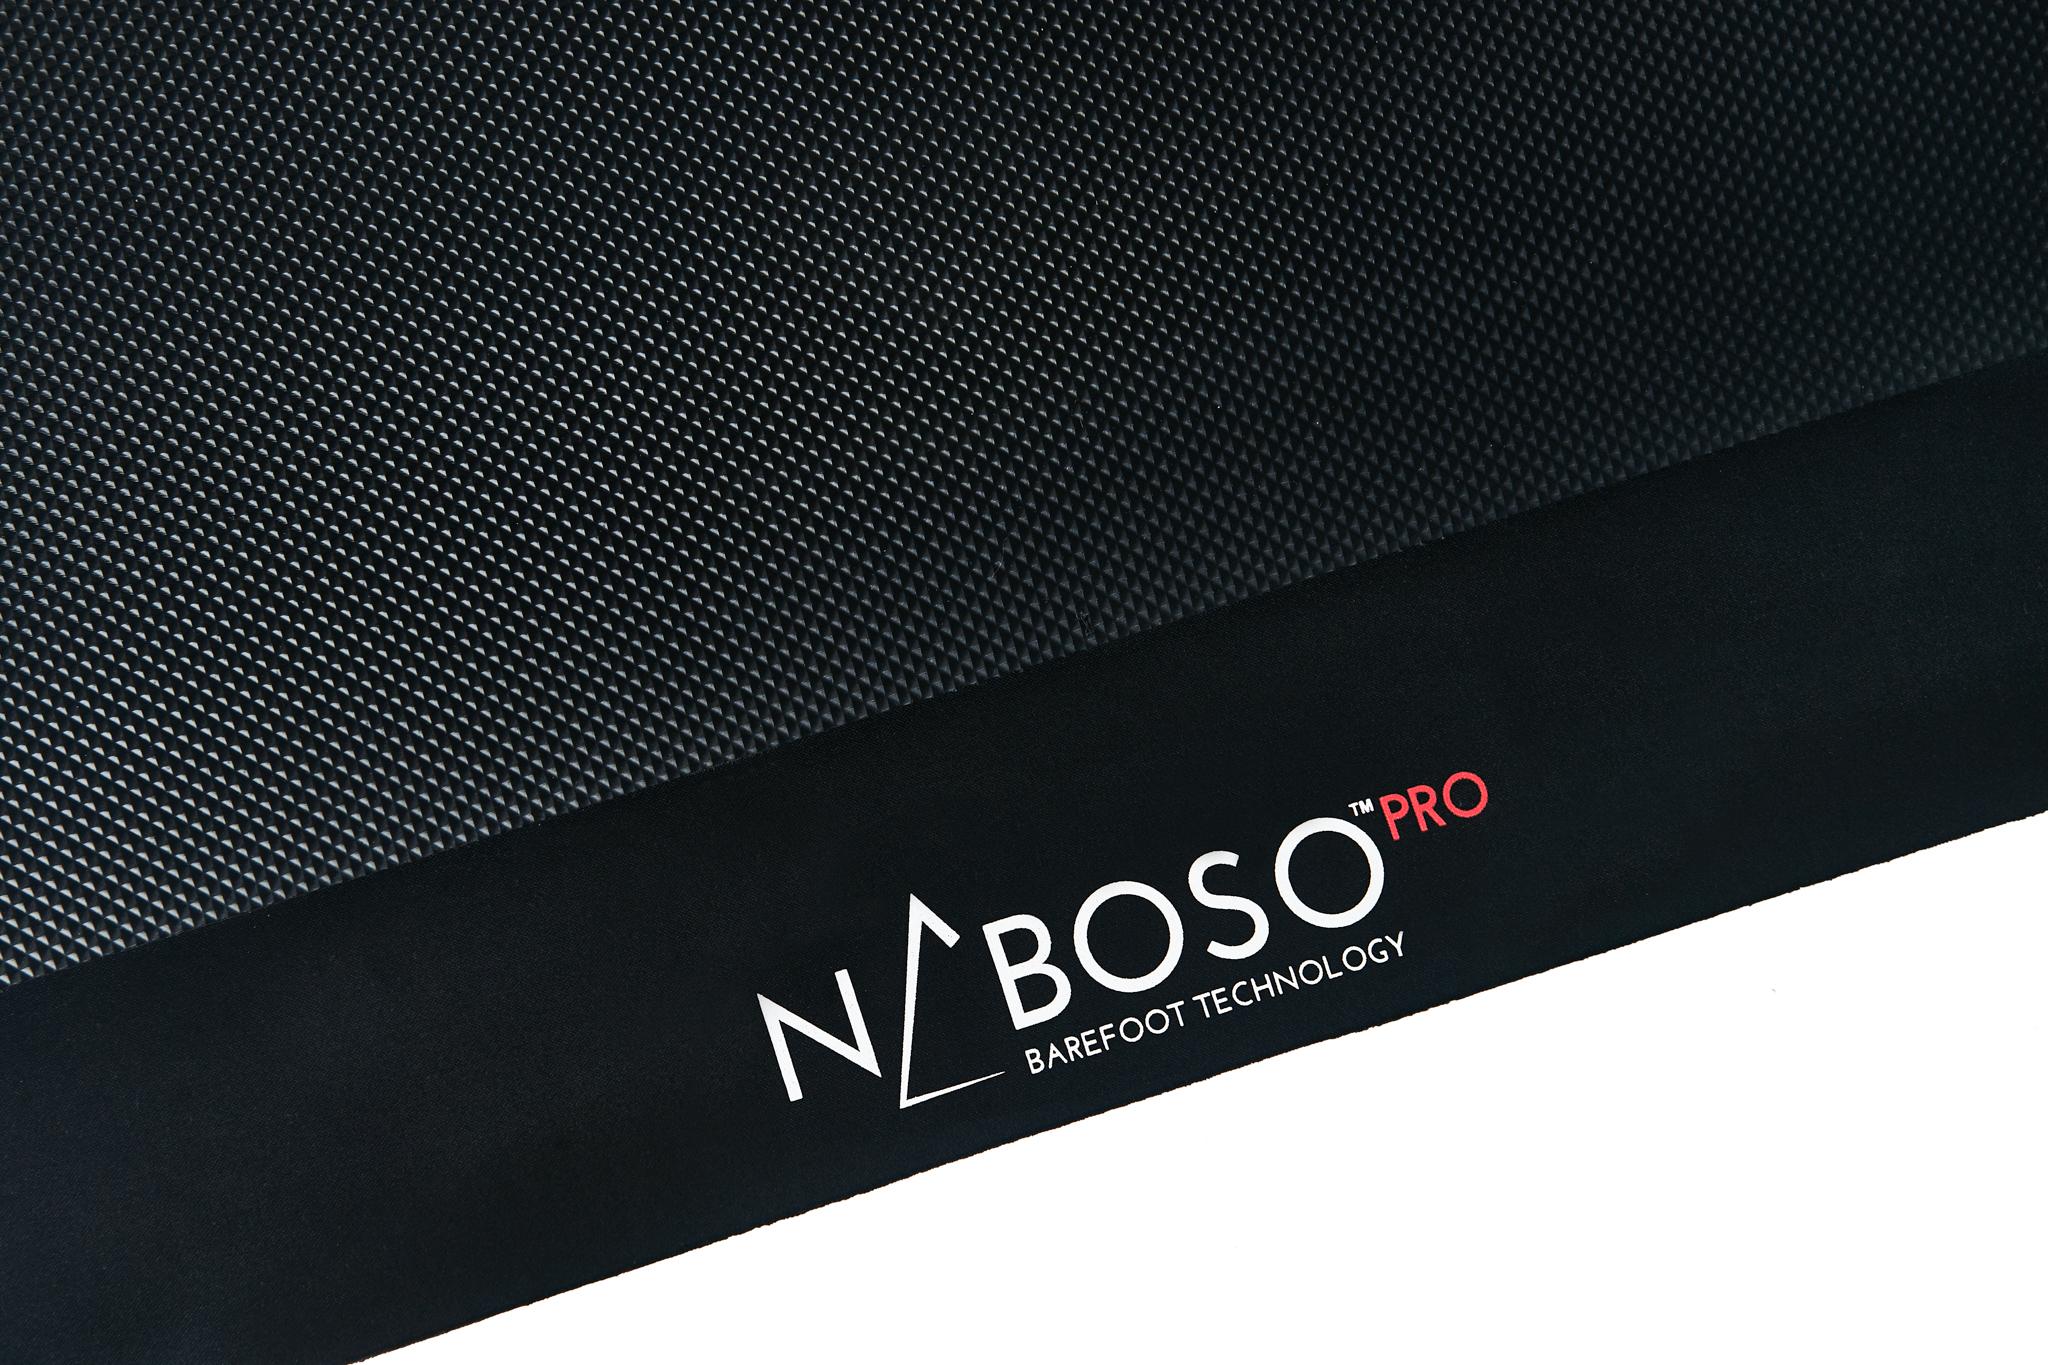 NABOSO_120518_ProMatDetail1.jpg